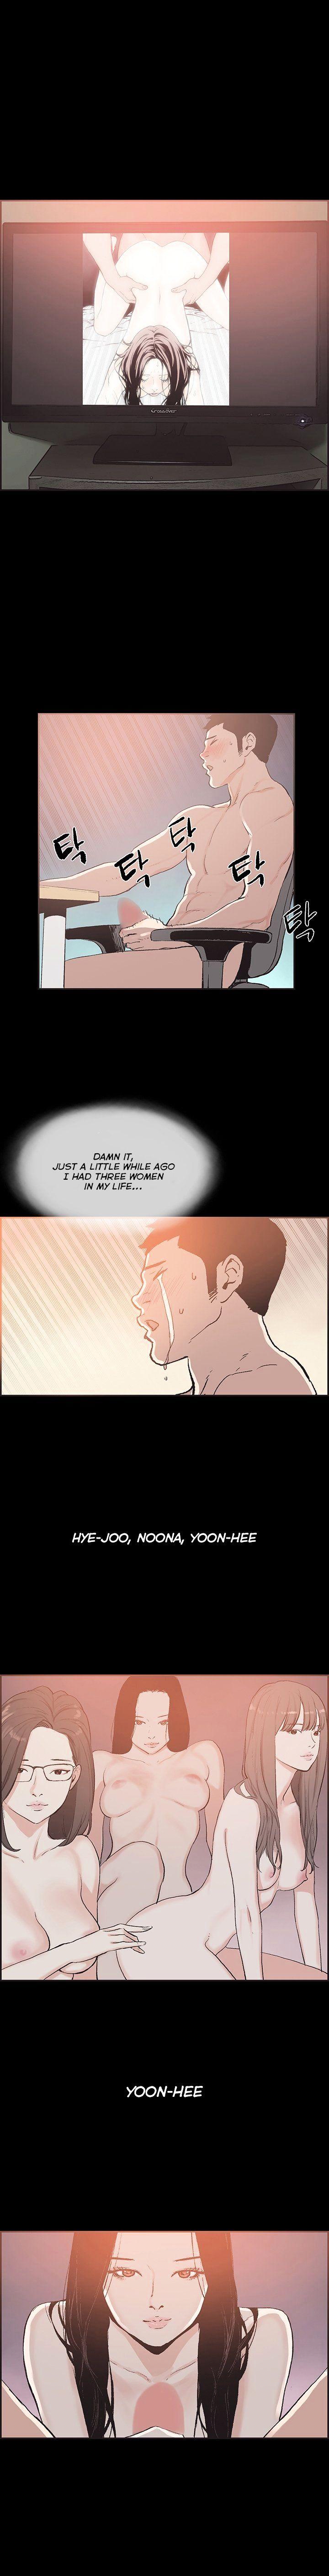 Cohabitation Chapter 53 Full Manga Read Scan Image 6